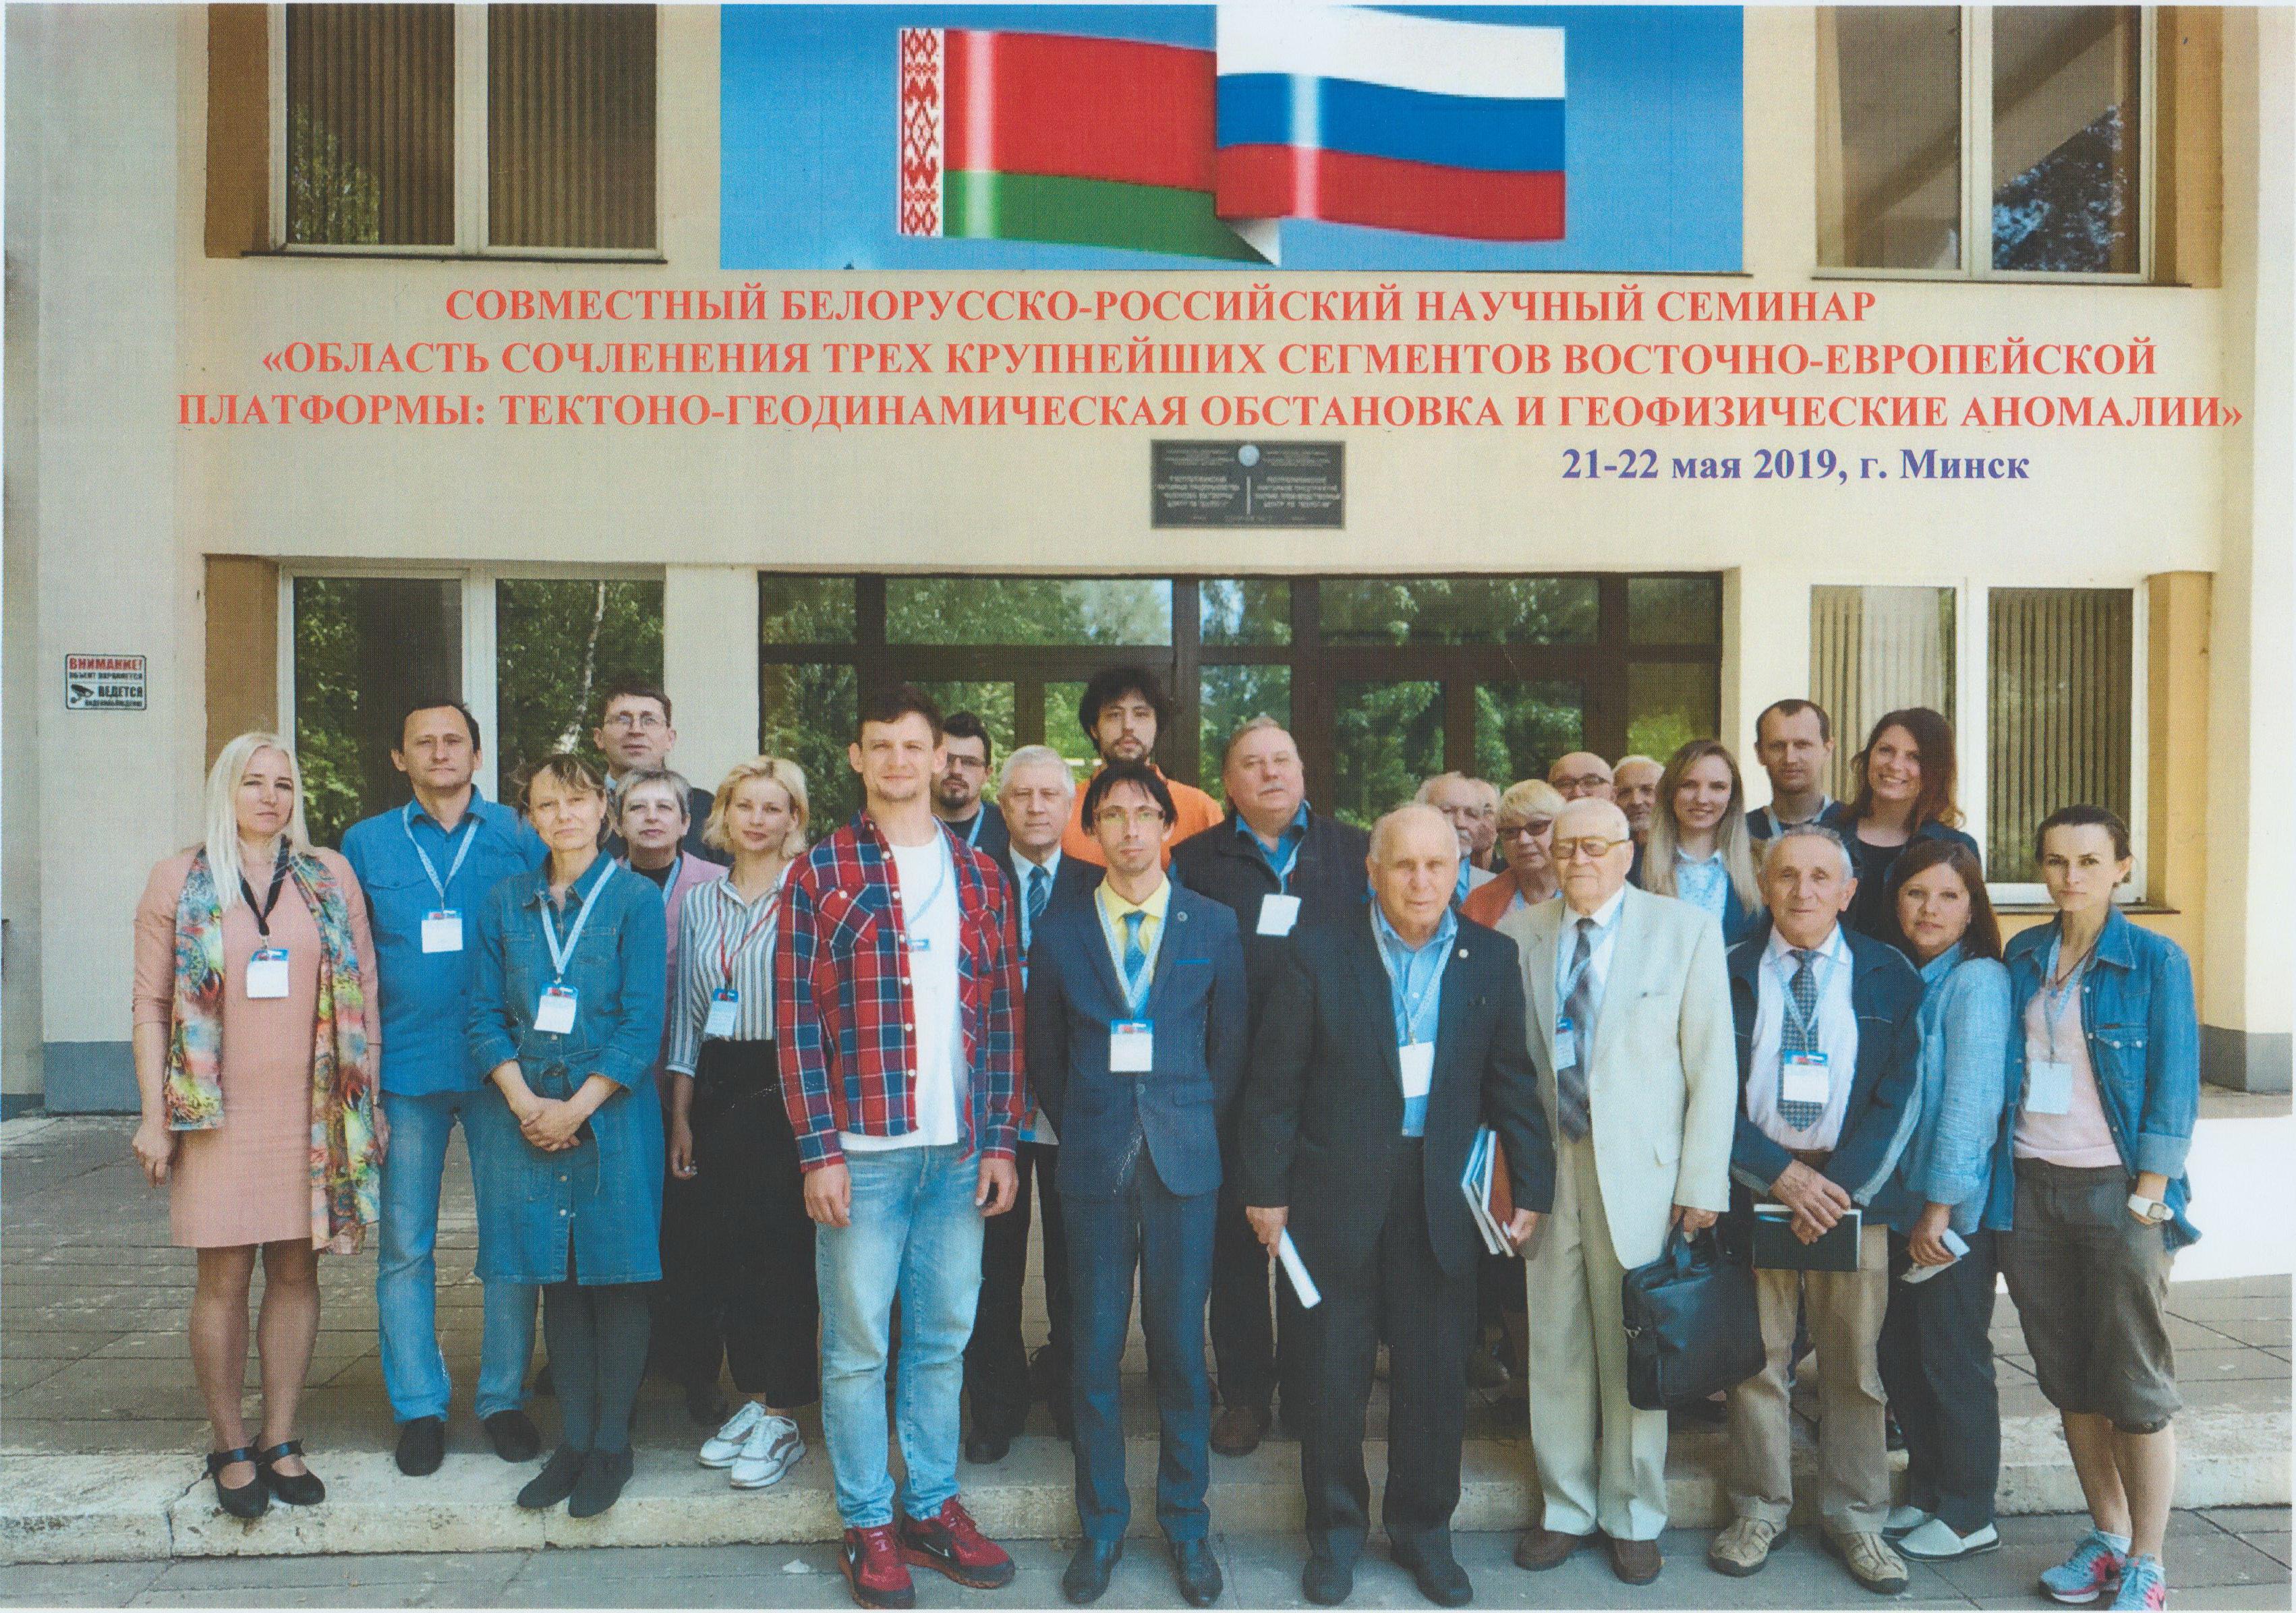 Белорусско-Российский семинар «Область сочленения трех крупнейших сегментов Восточно-Европейской платформы: тектоно-геодинамическая обстановка и геофизические аномалии»